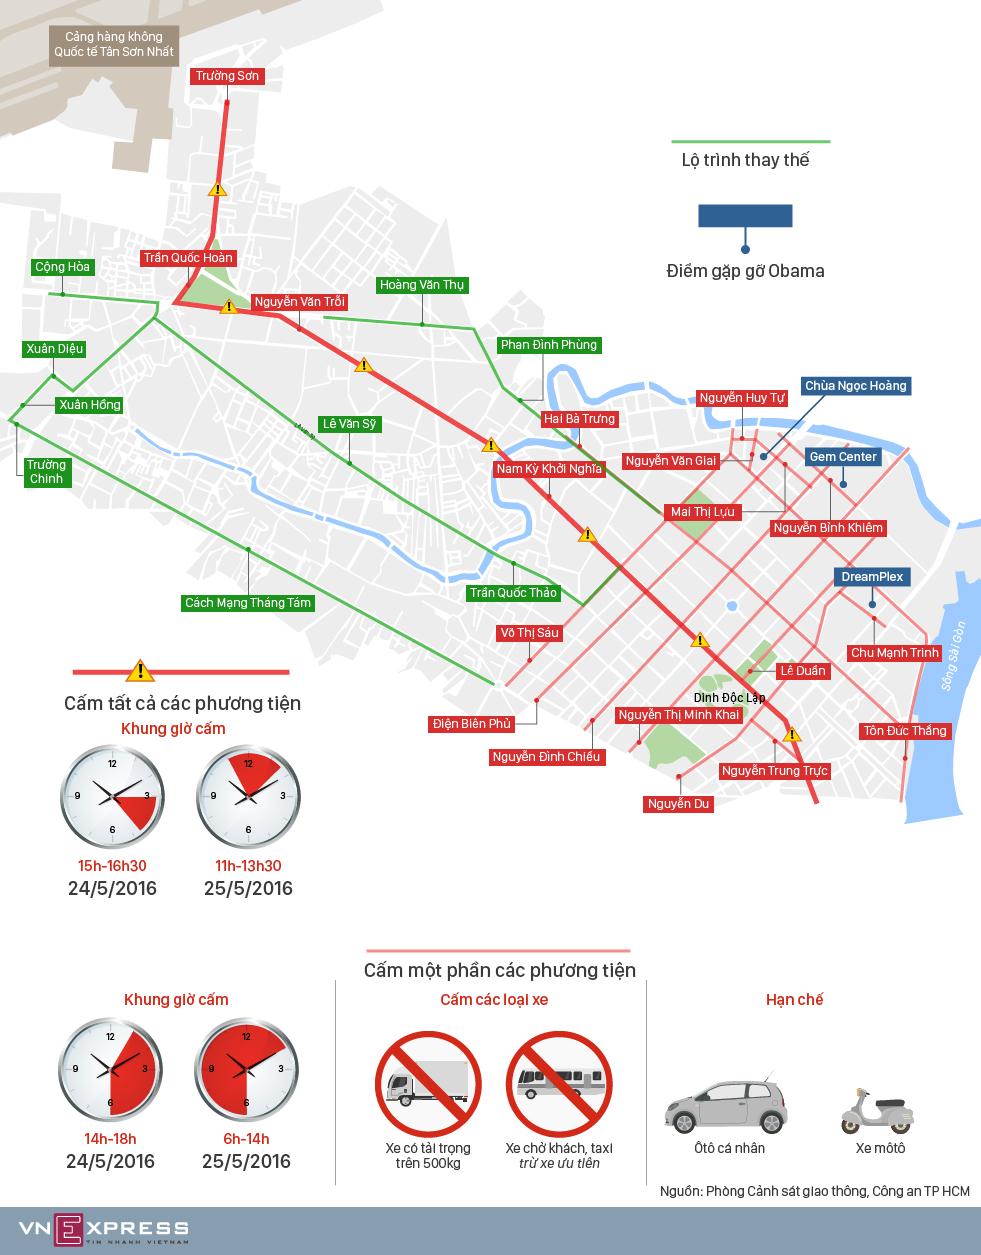 TP HCM cấm nhiều đường phố khi đón Tổng thống Mỹ Obama